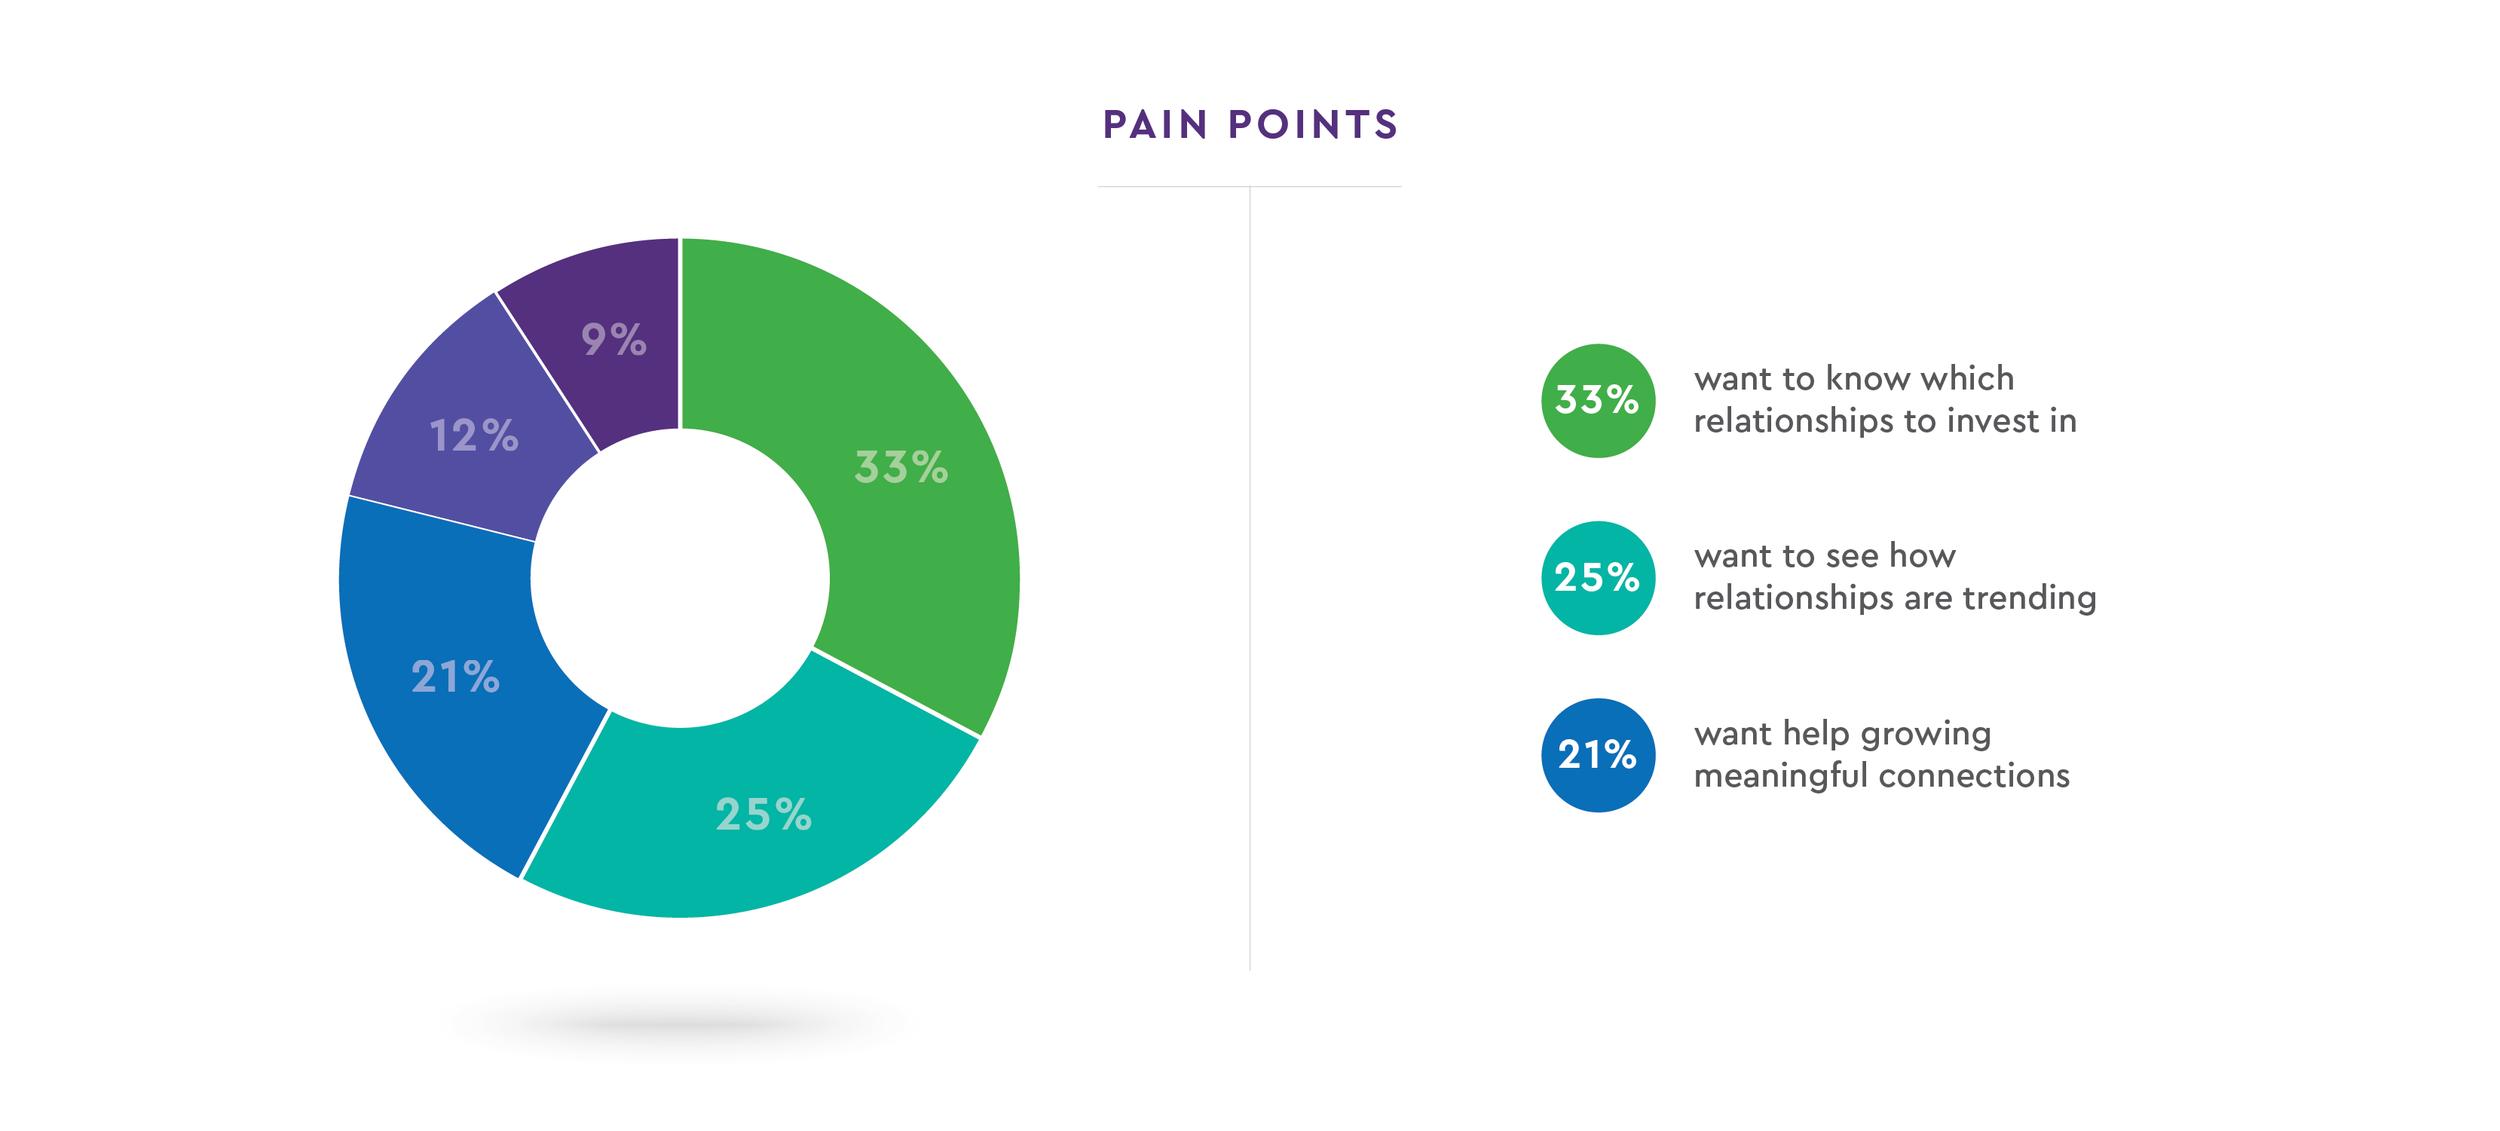 GCP_Pain_Points_Pain_Points.png